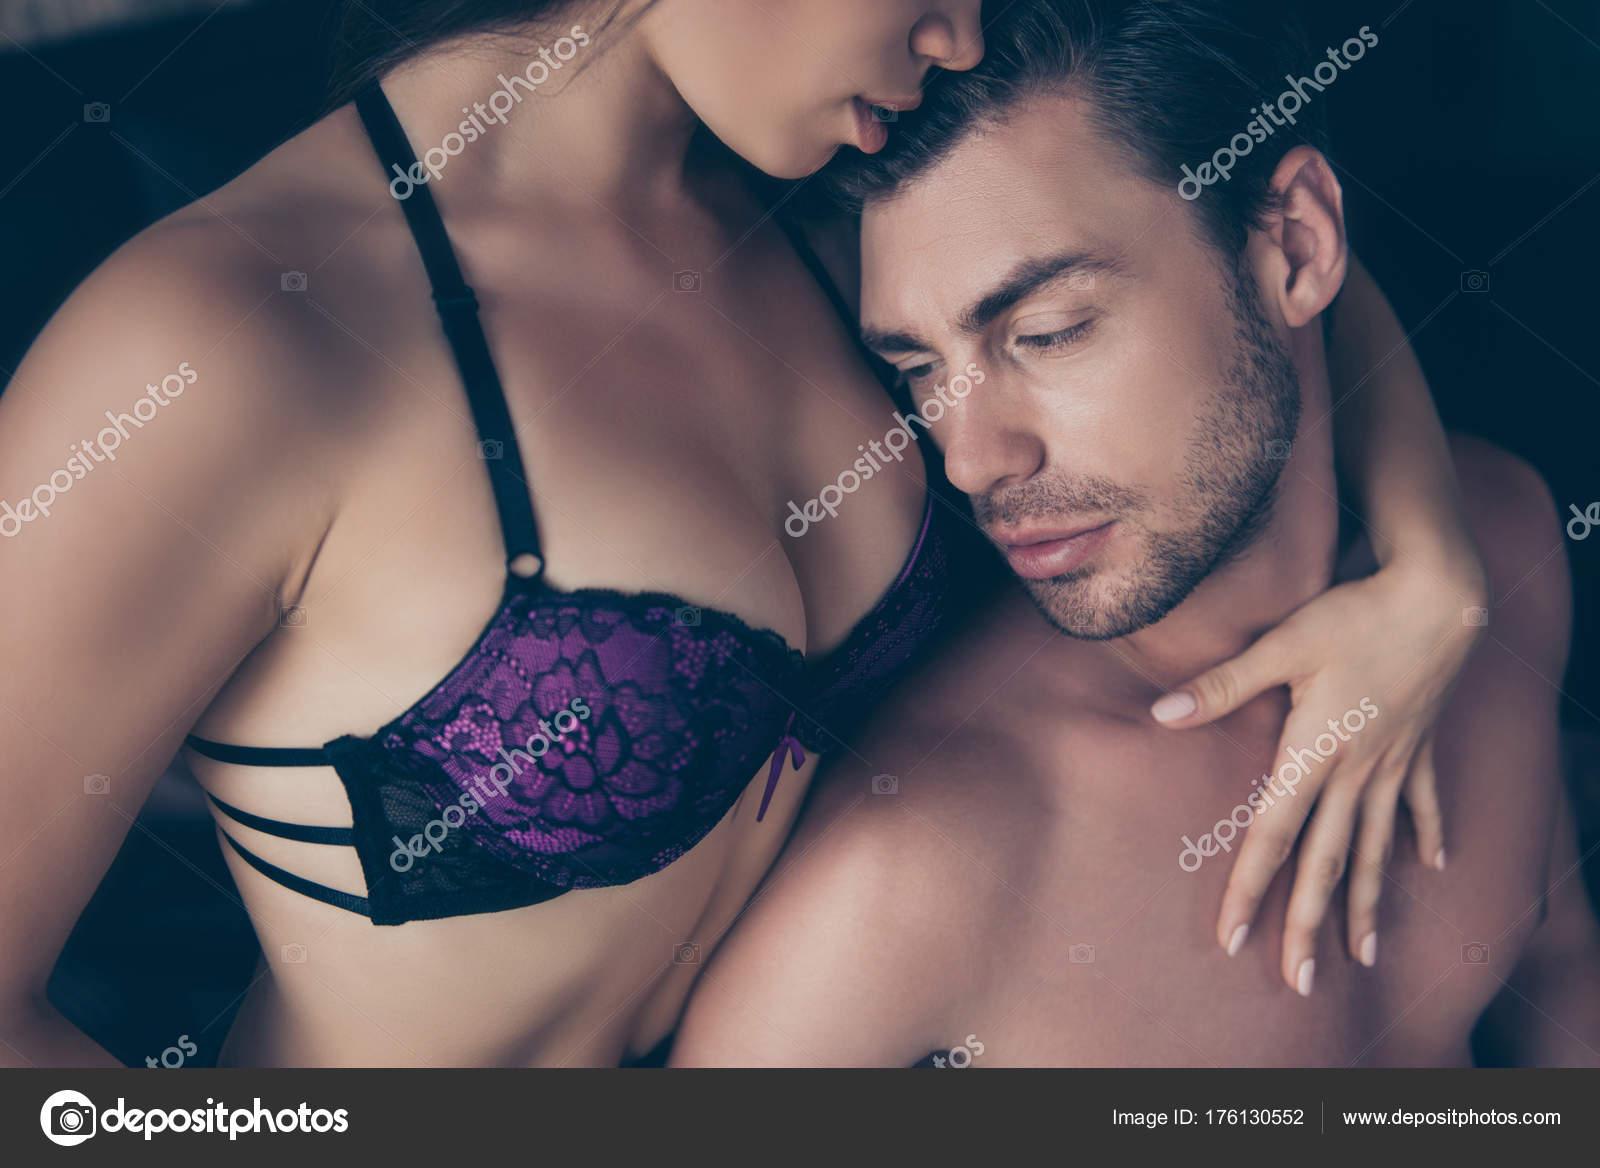 galleria porno privato